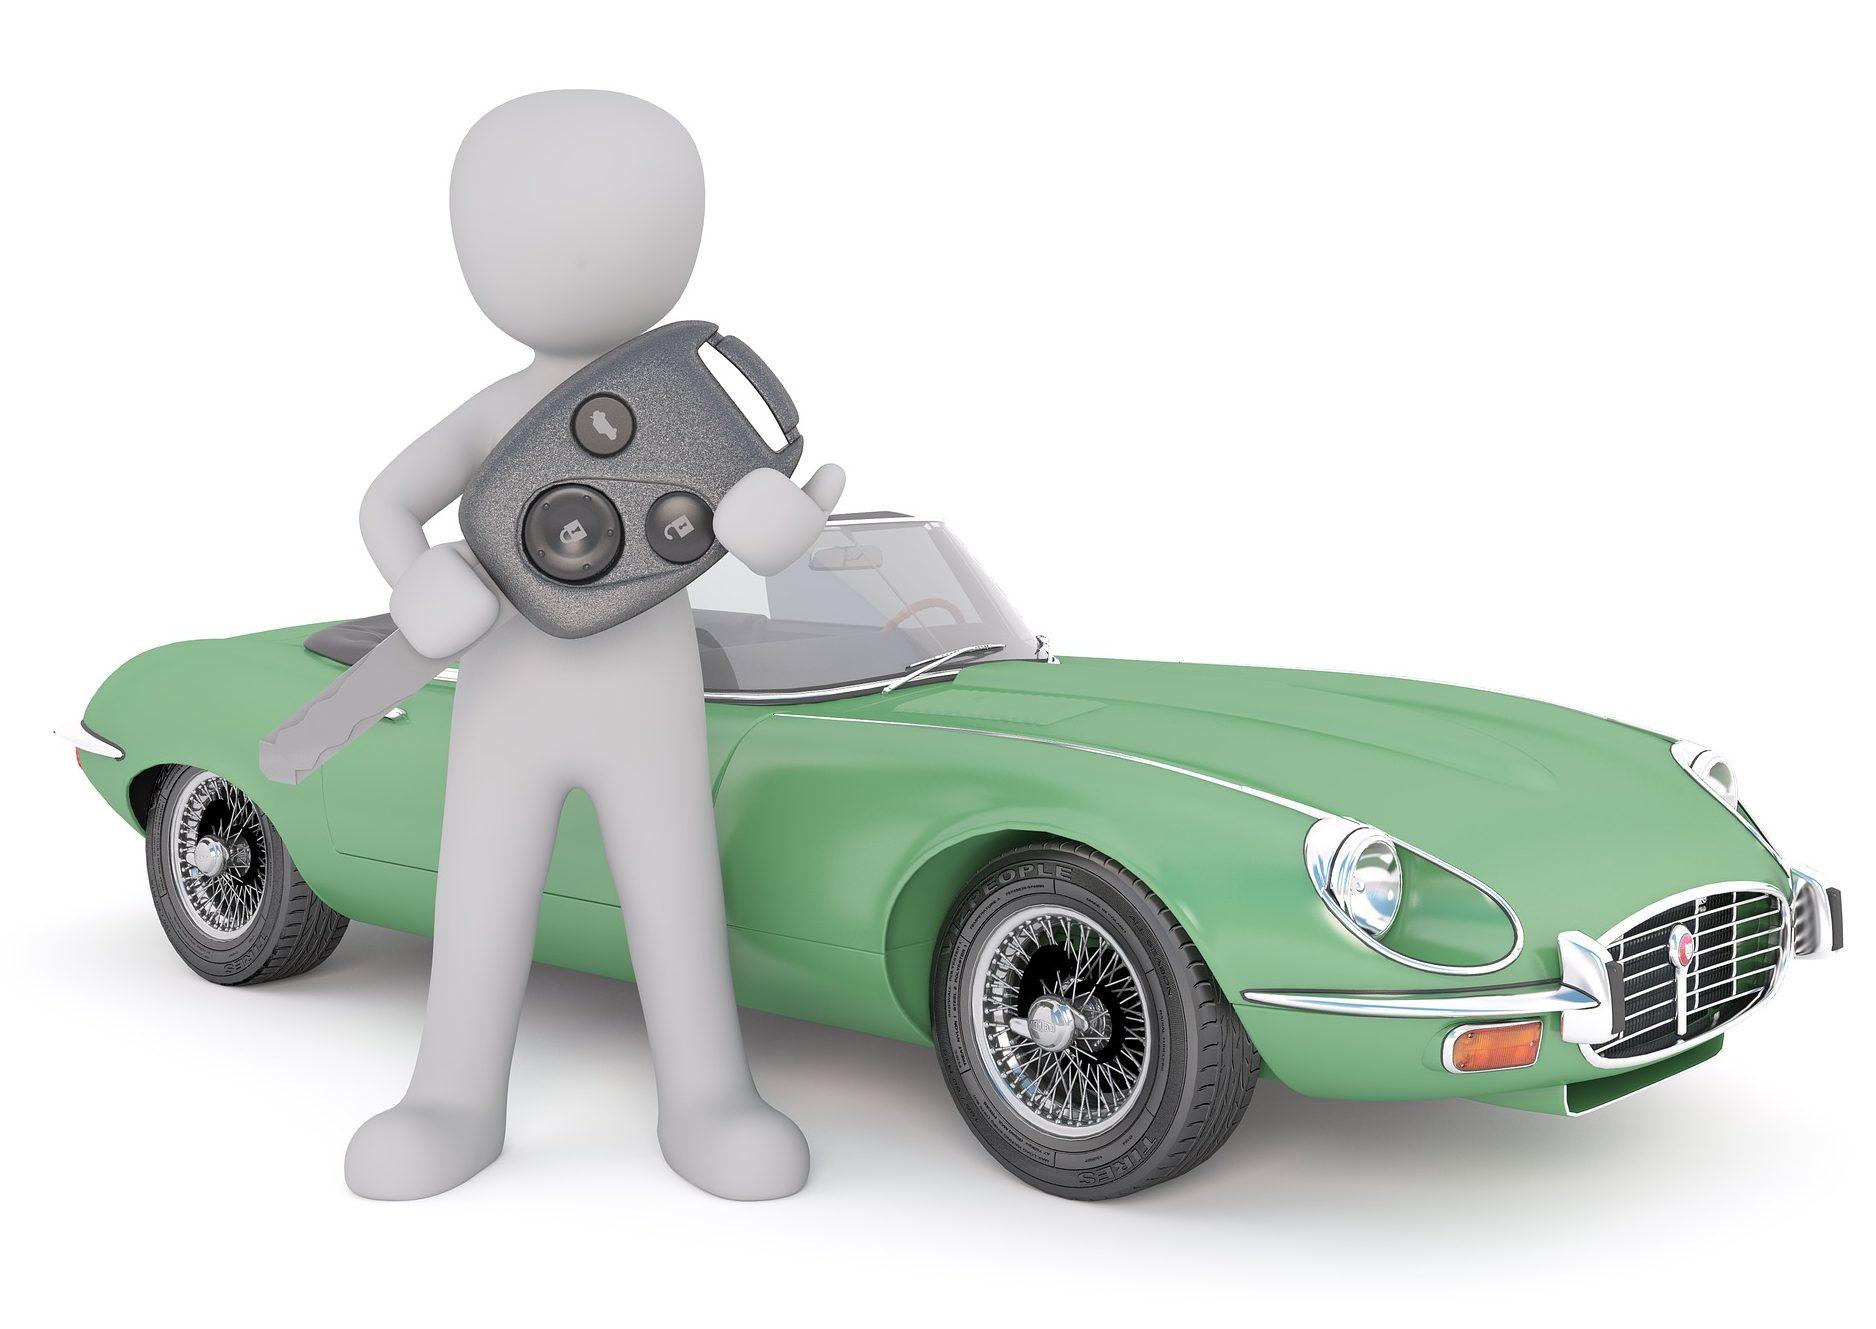 Comprar o primeiro carro